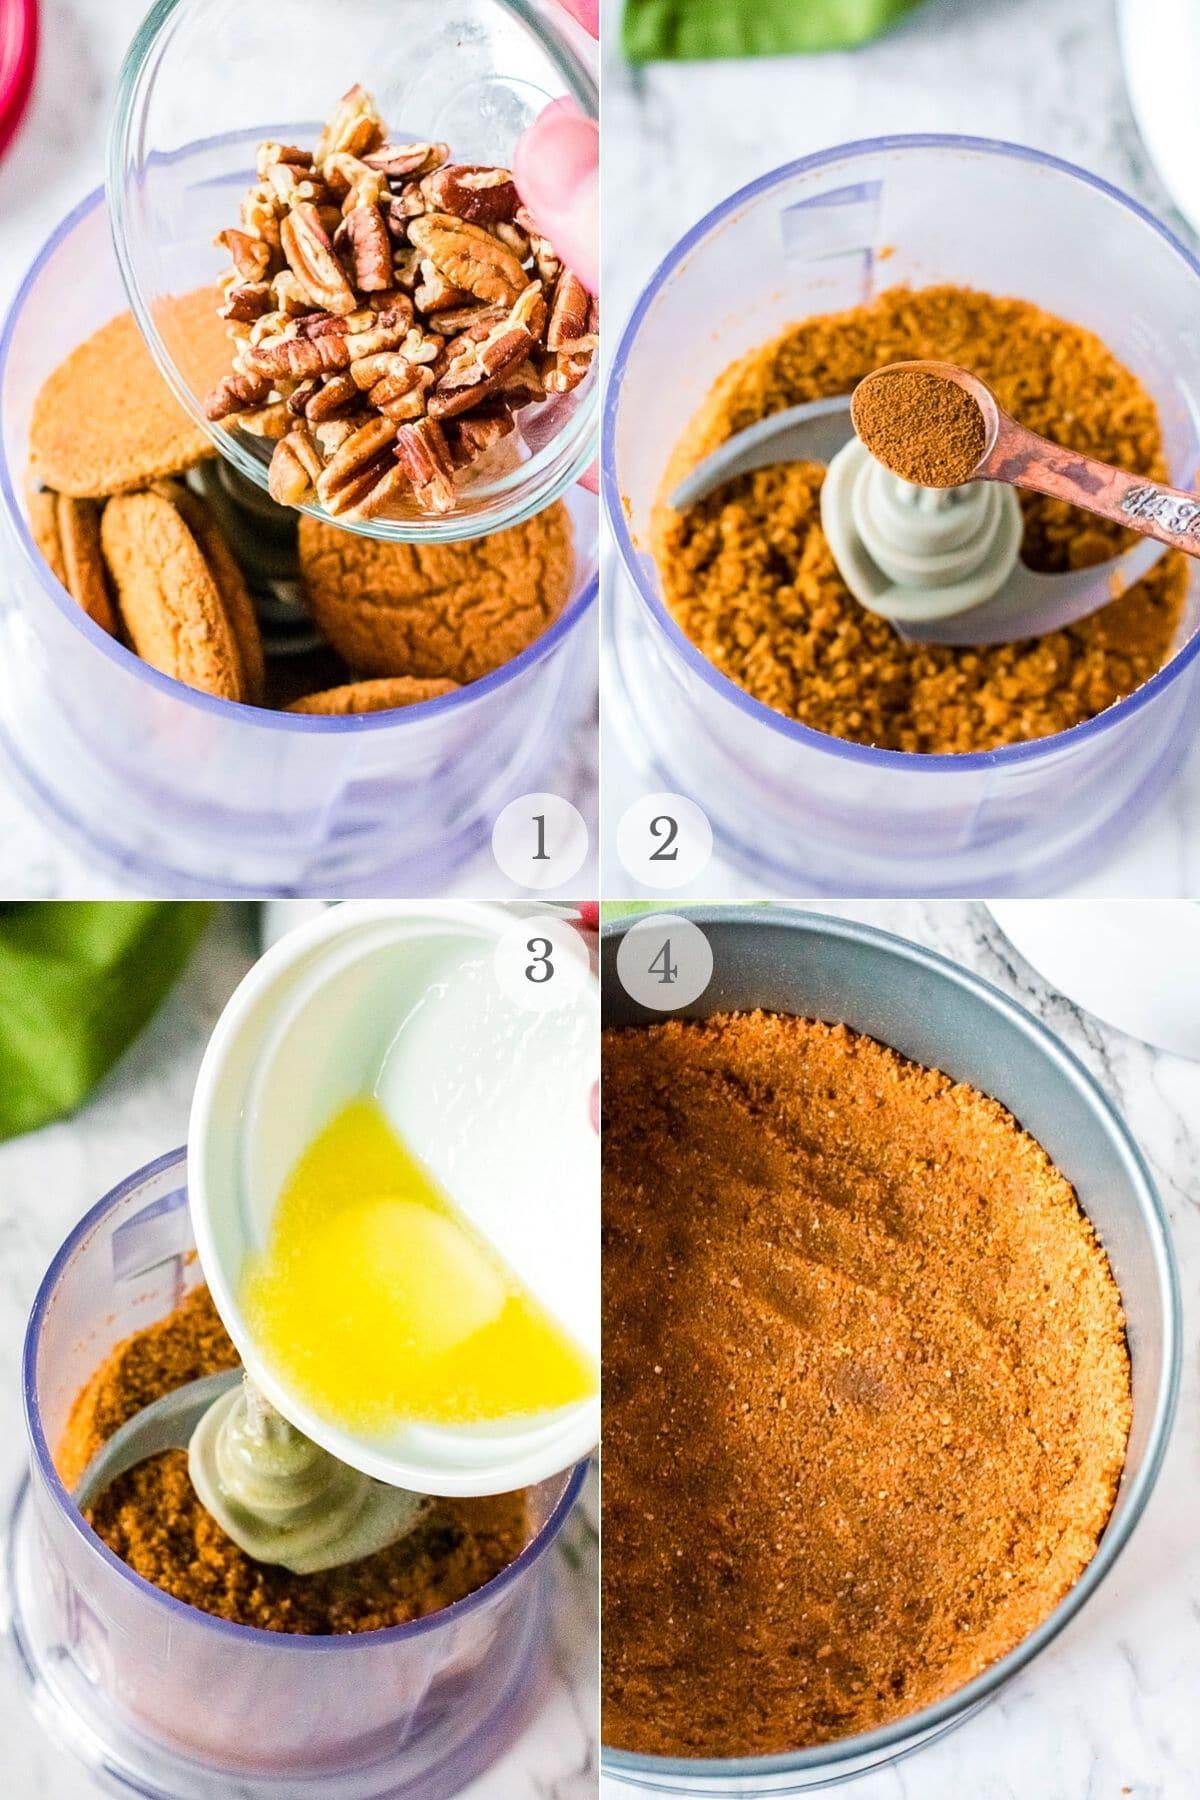 eggnog cheesecake recipes steps 1-4